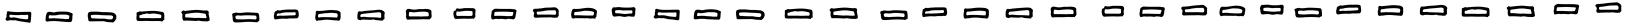 2015/16 company car bik rates tables